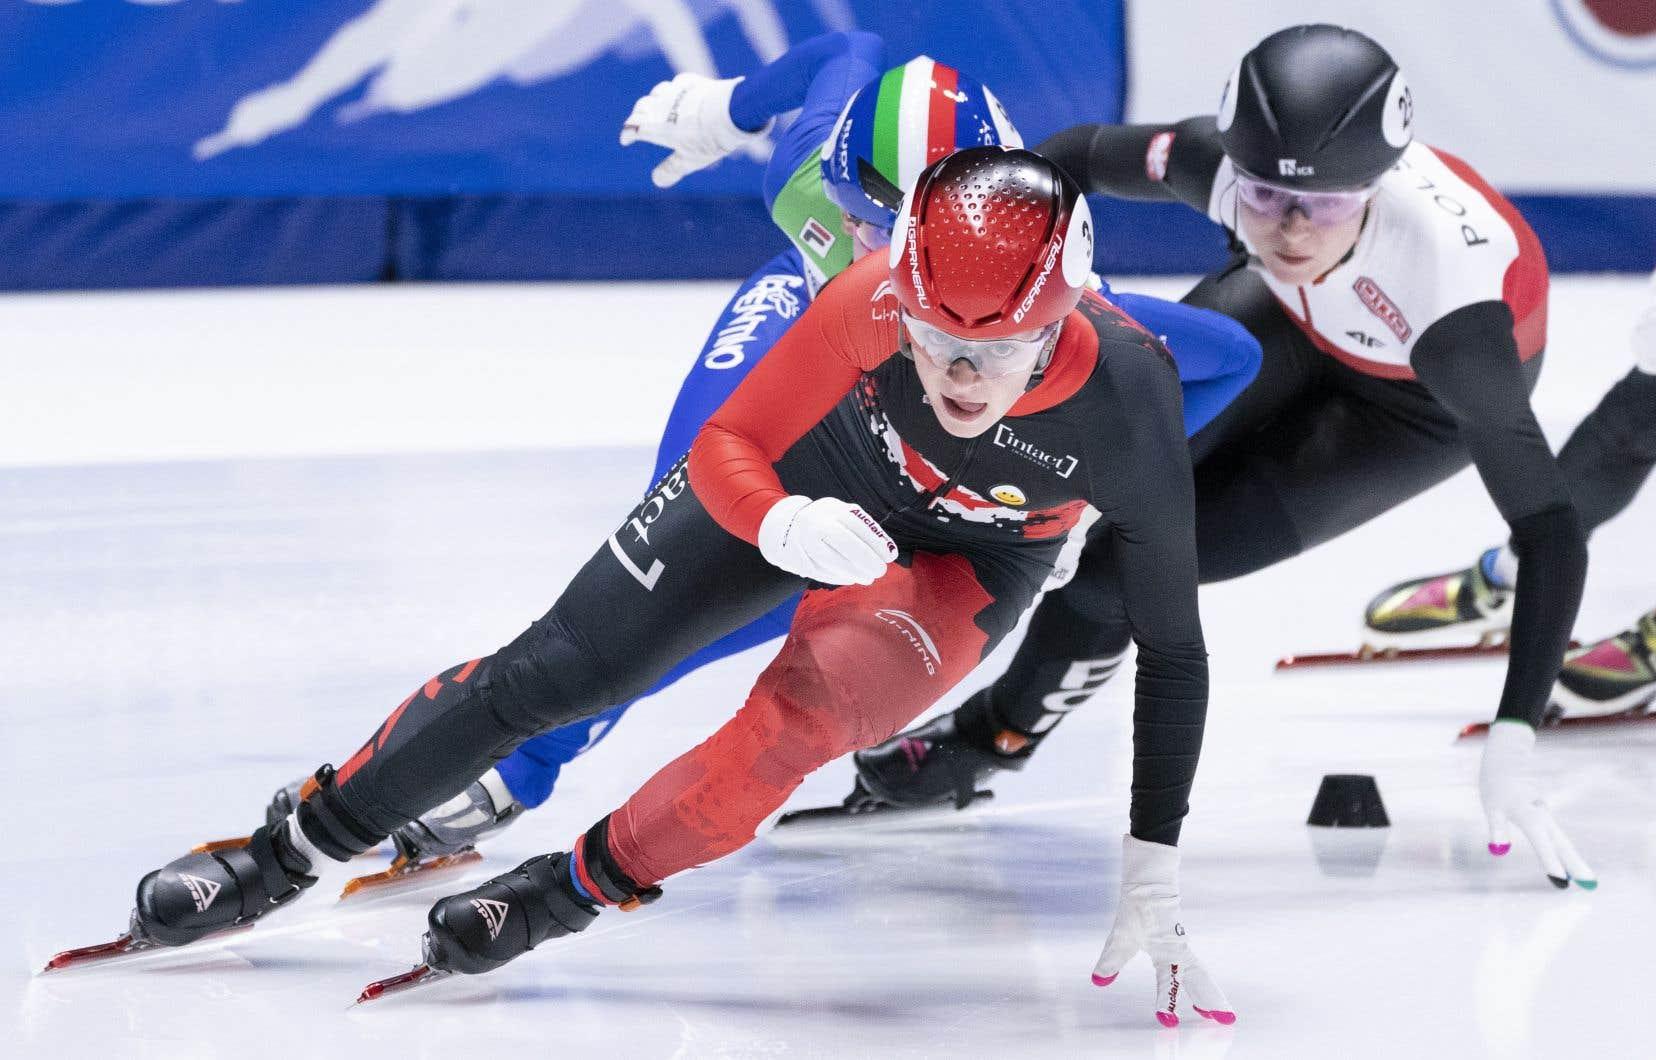 Kim Boutin avait décroché la médaille d'or au 500 mètres à la Coupe du monde de patinage de vitesse courte piste qui s'est déroulé à Montréal en novembre dernier.